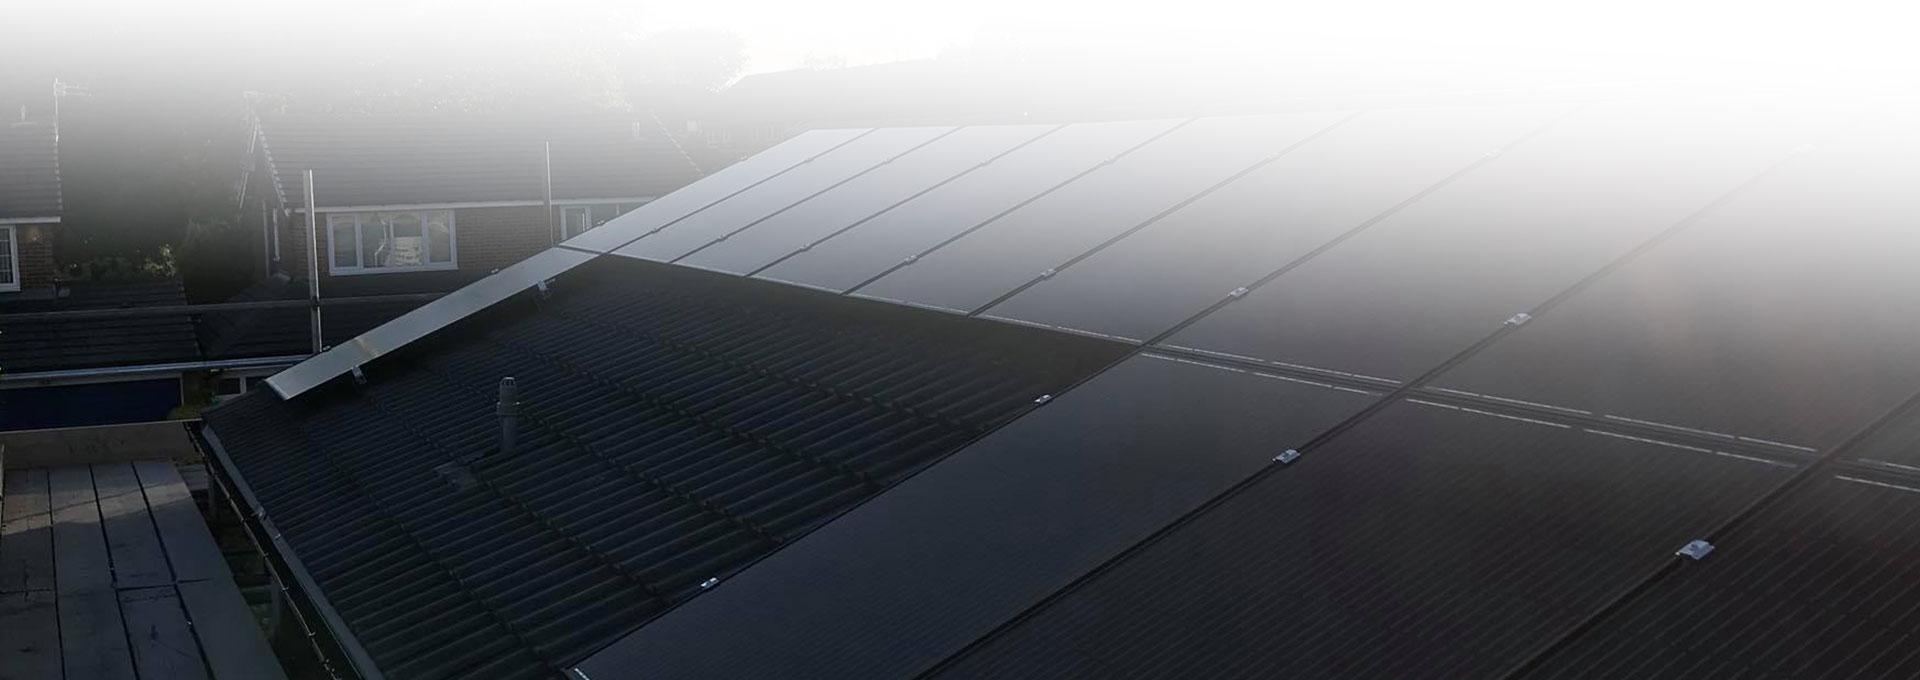 New Tiled Roof Tarleton